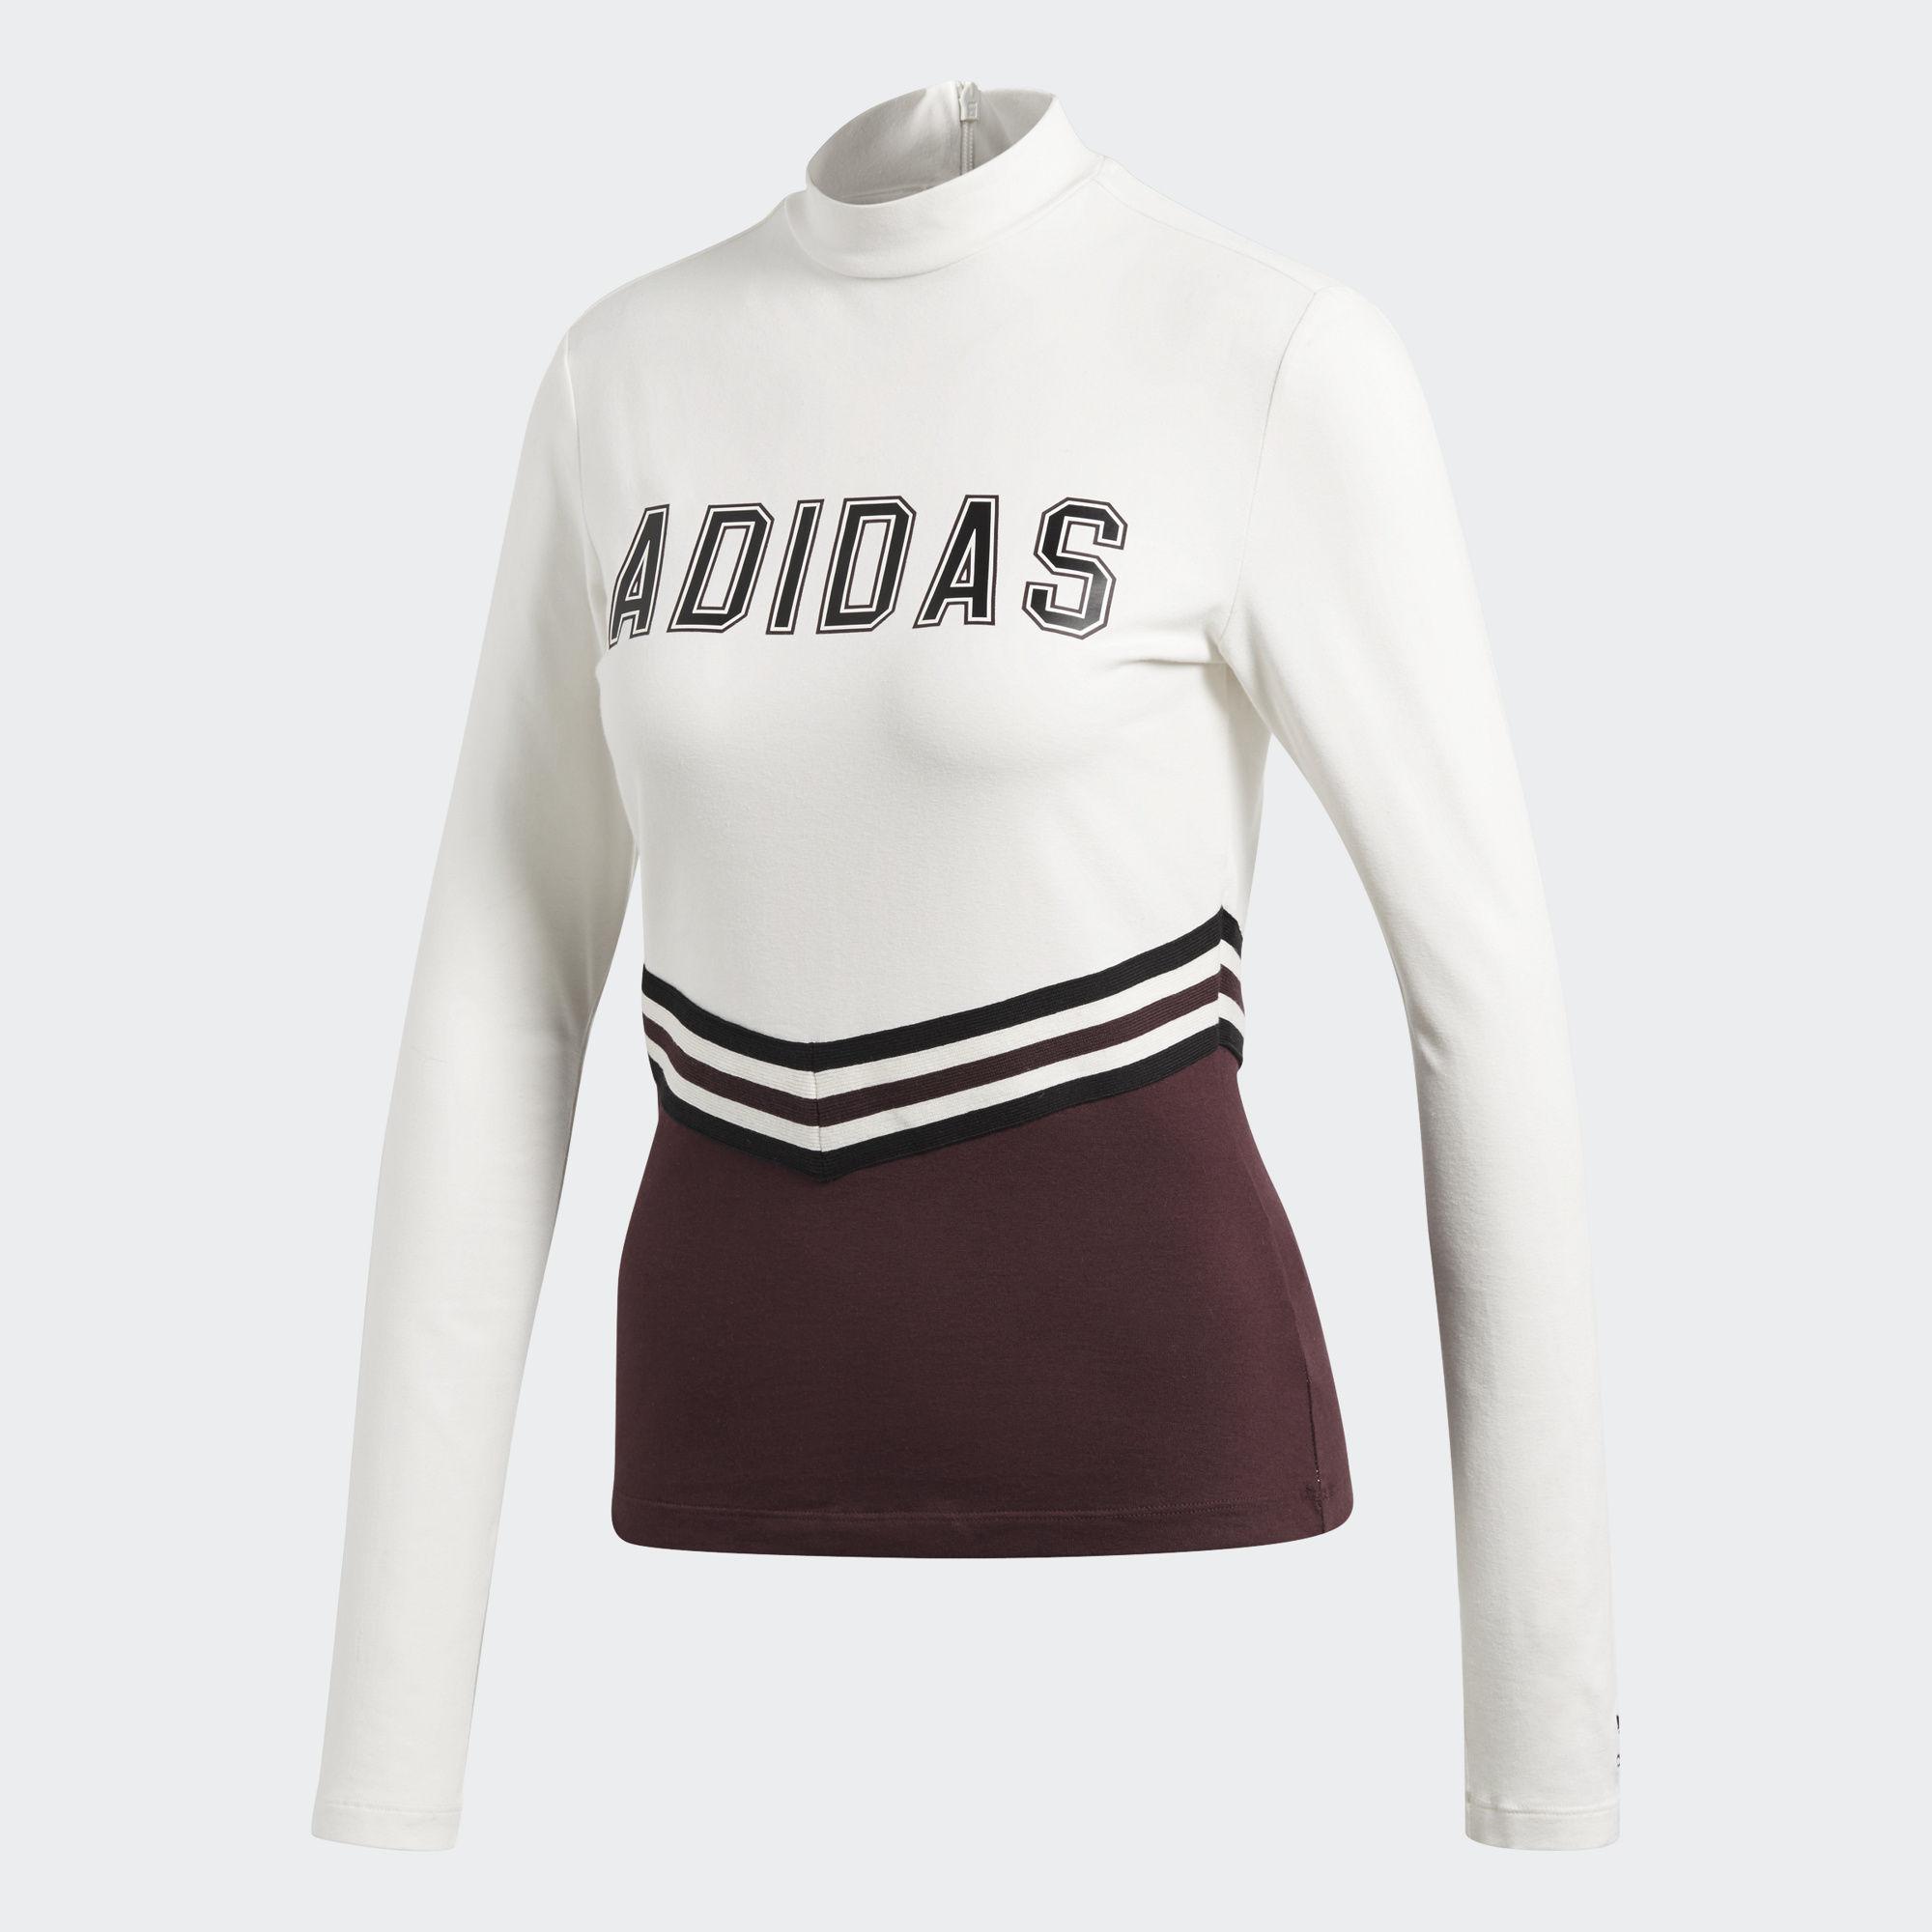 Лонгслив женский Adidas Adibreak Ls Tee, цвет: белый, бордовый. CE1000. Размер 34 (42)CE1000